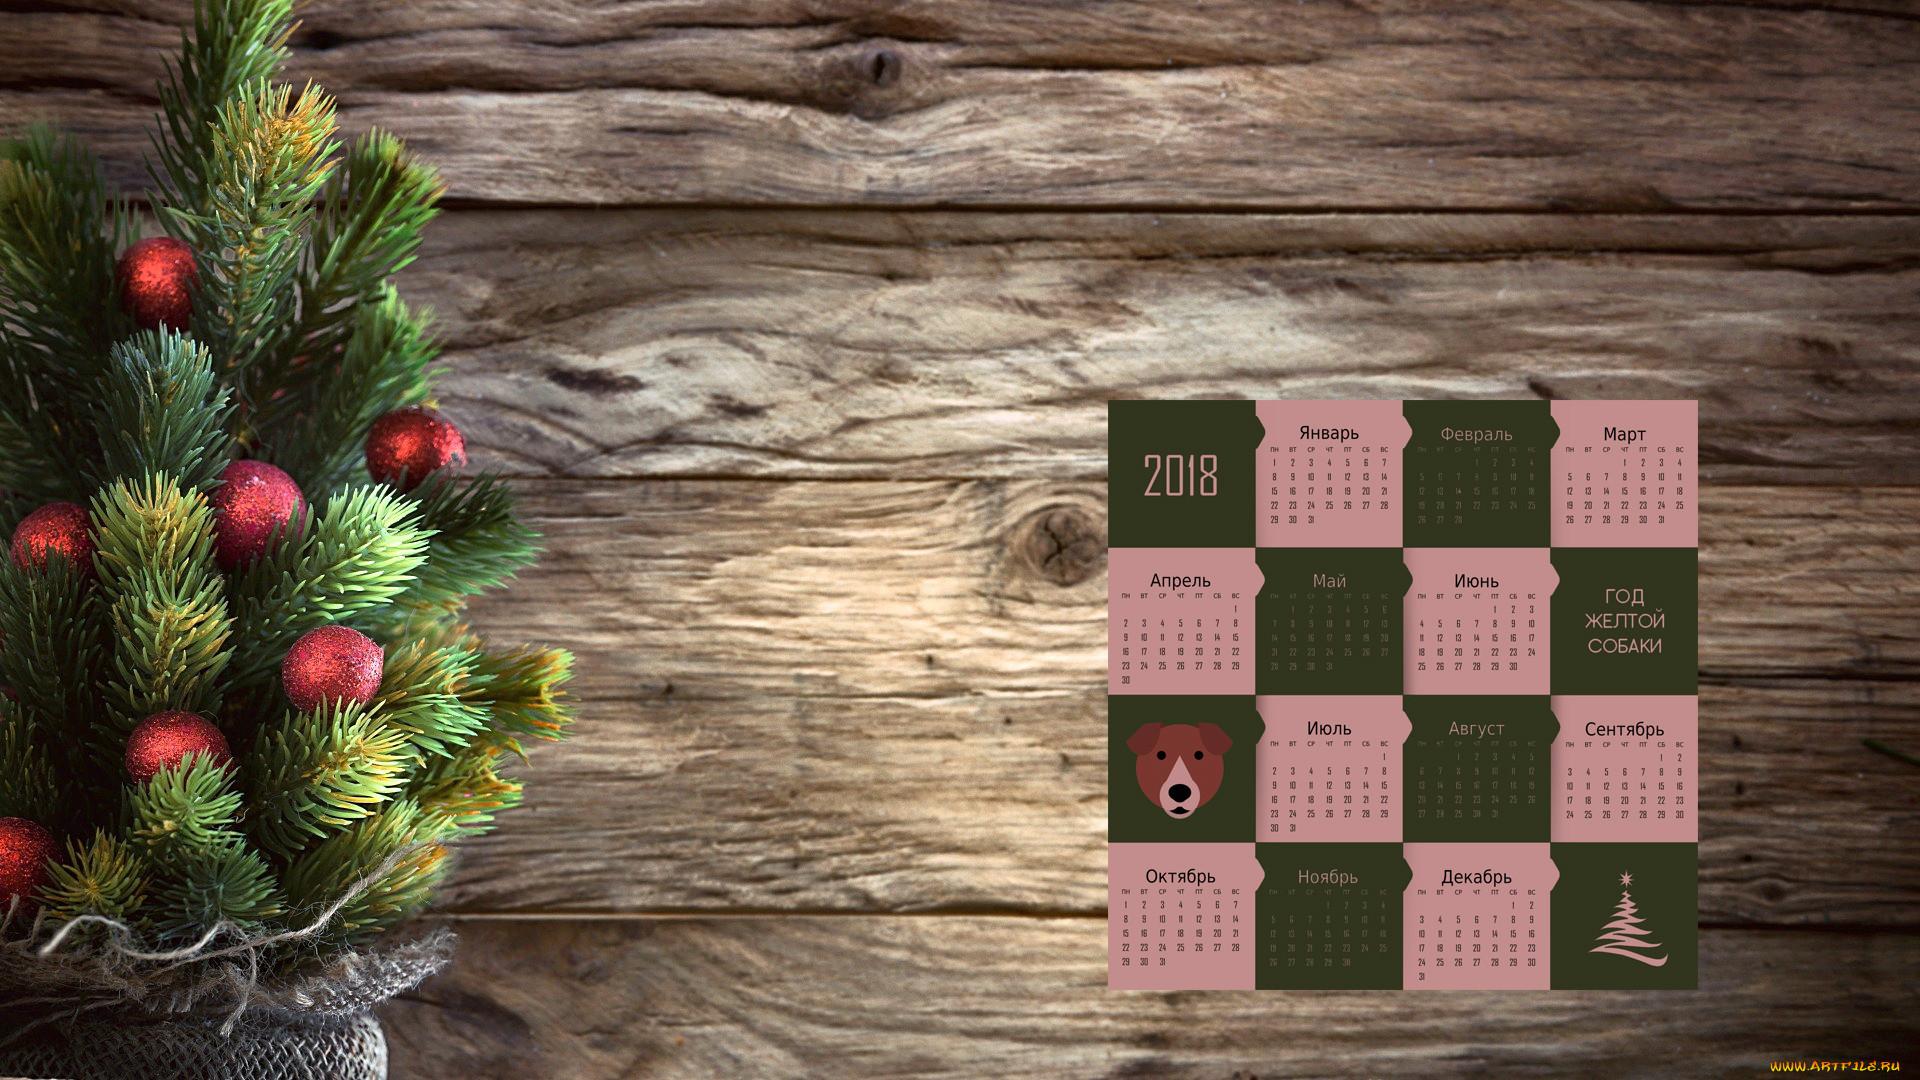 Картинки на рабочий стол с календарем